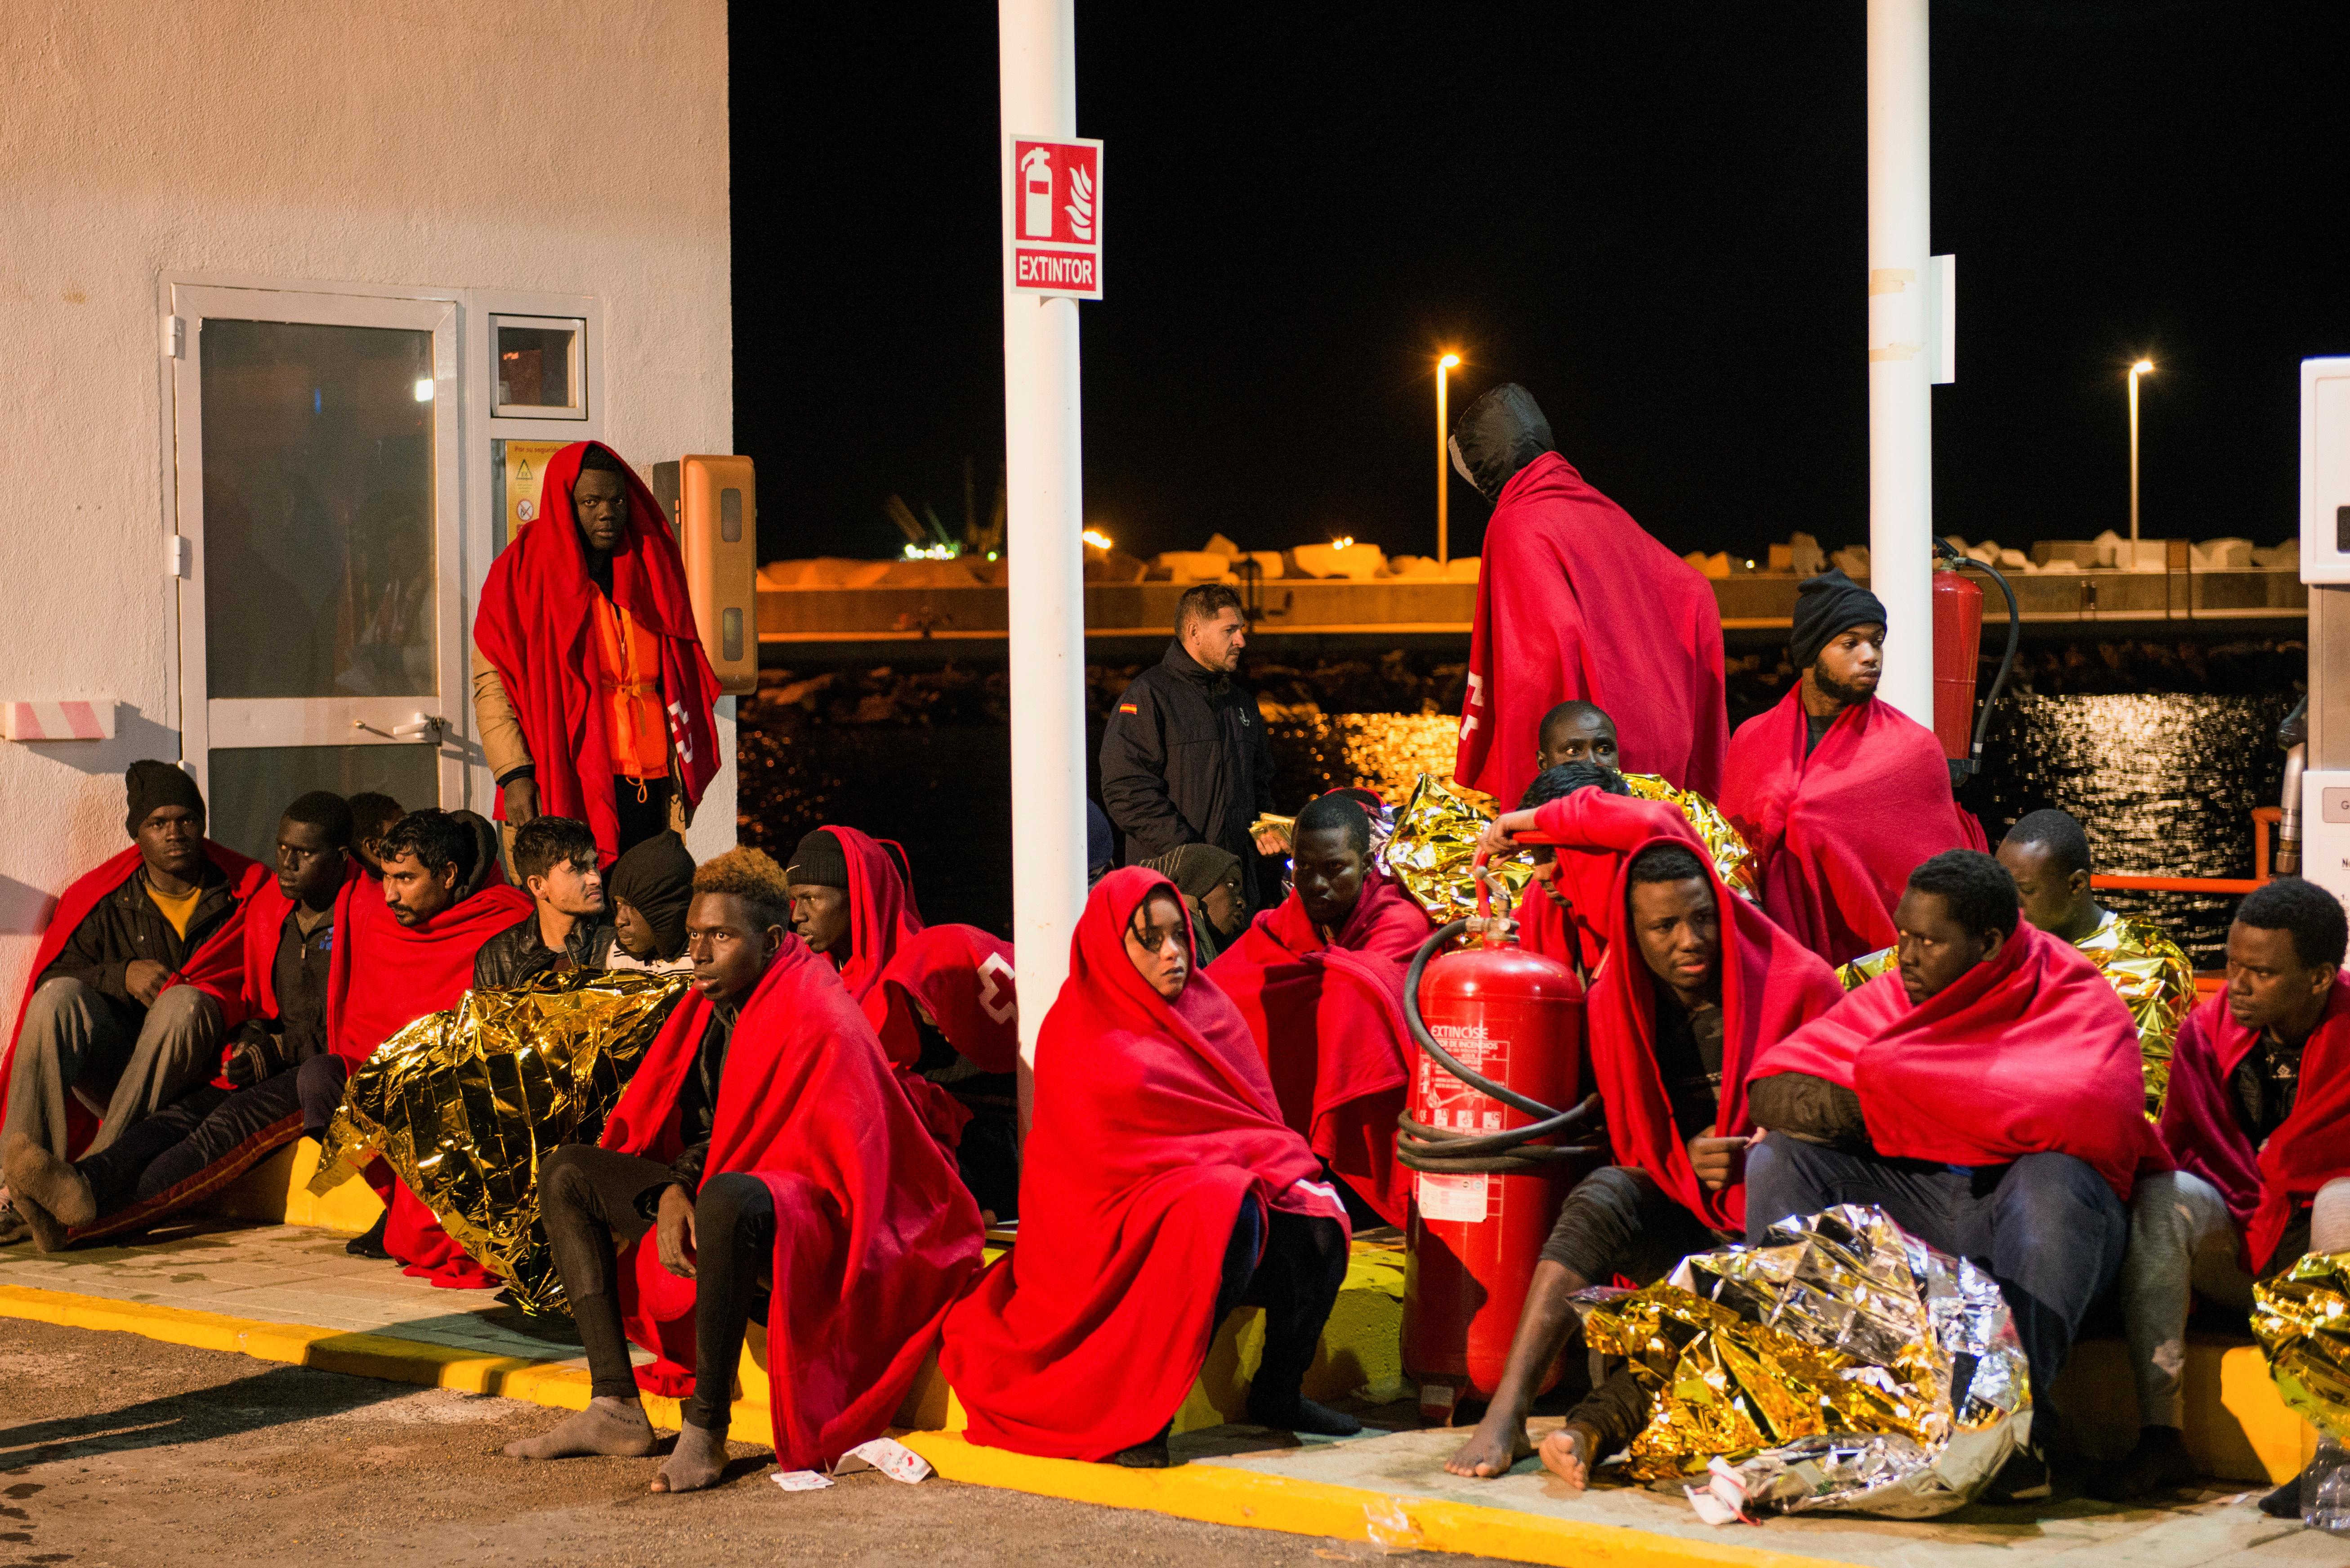 Ισπανία: Νεκροί τέσσερις μετανάστες – Αγωνία για 16 αγνοούμενους μετά από ανατροπή σκάφους